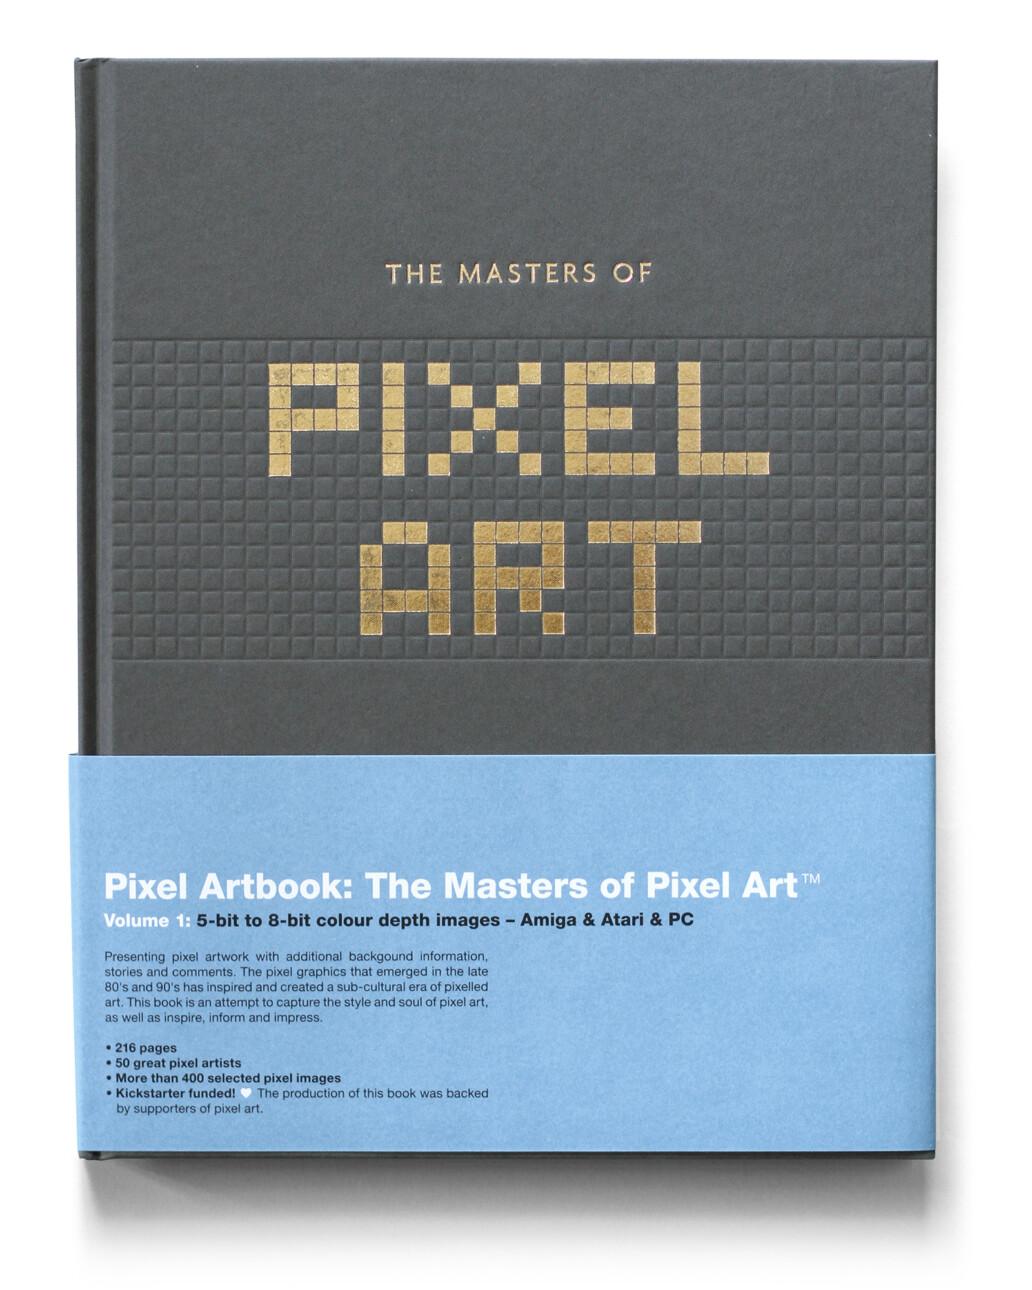 couverture du livre The Masters of Pixel Art